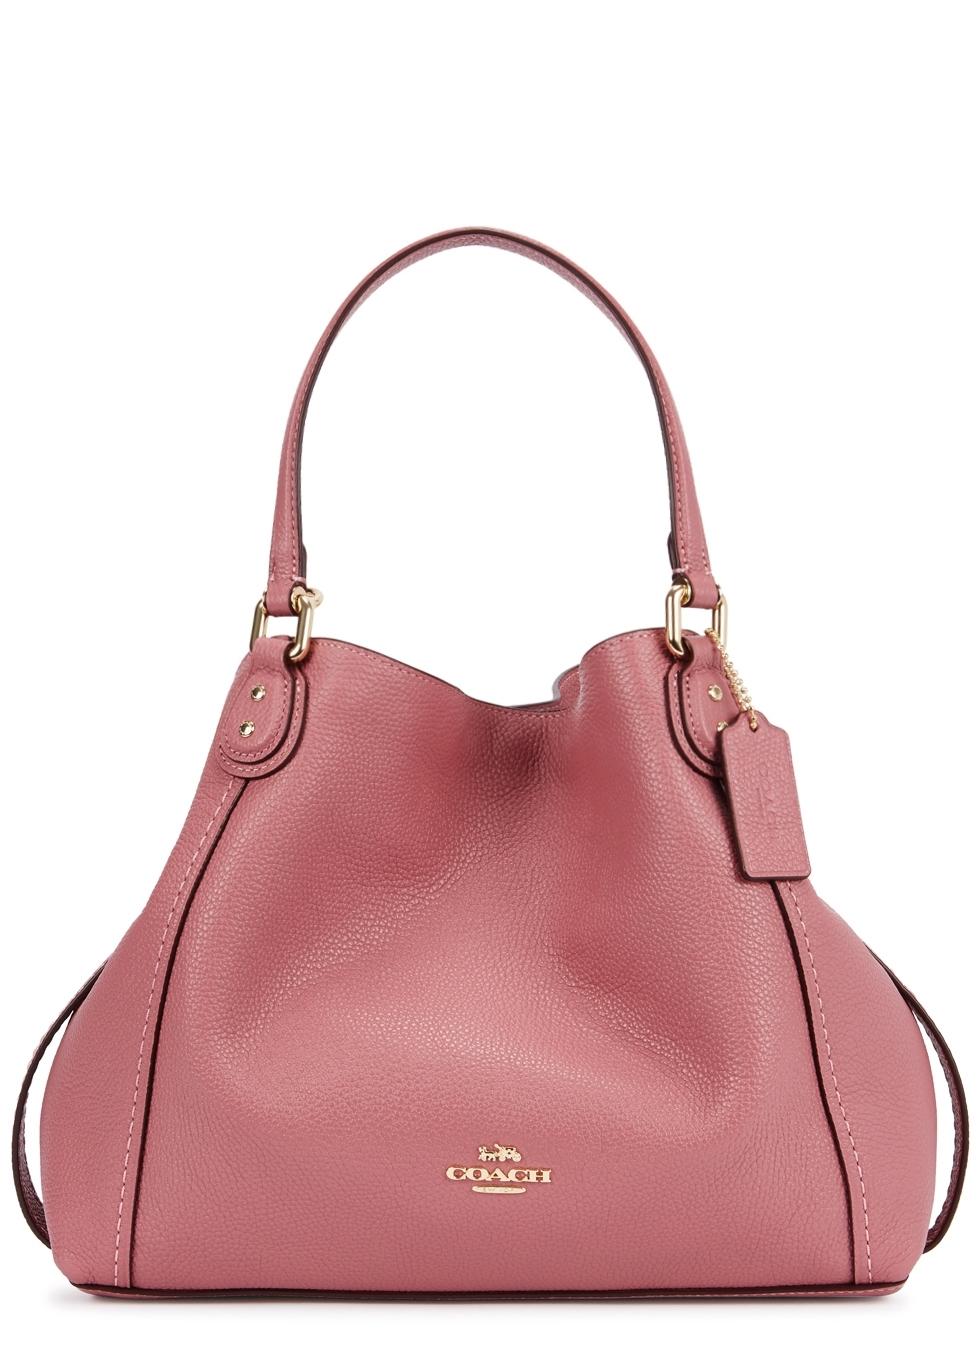 Coach - Designer Bags b5ab0640a7b3d